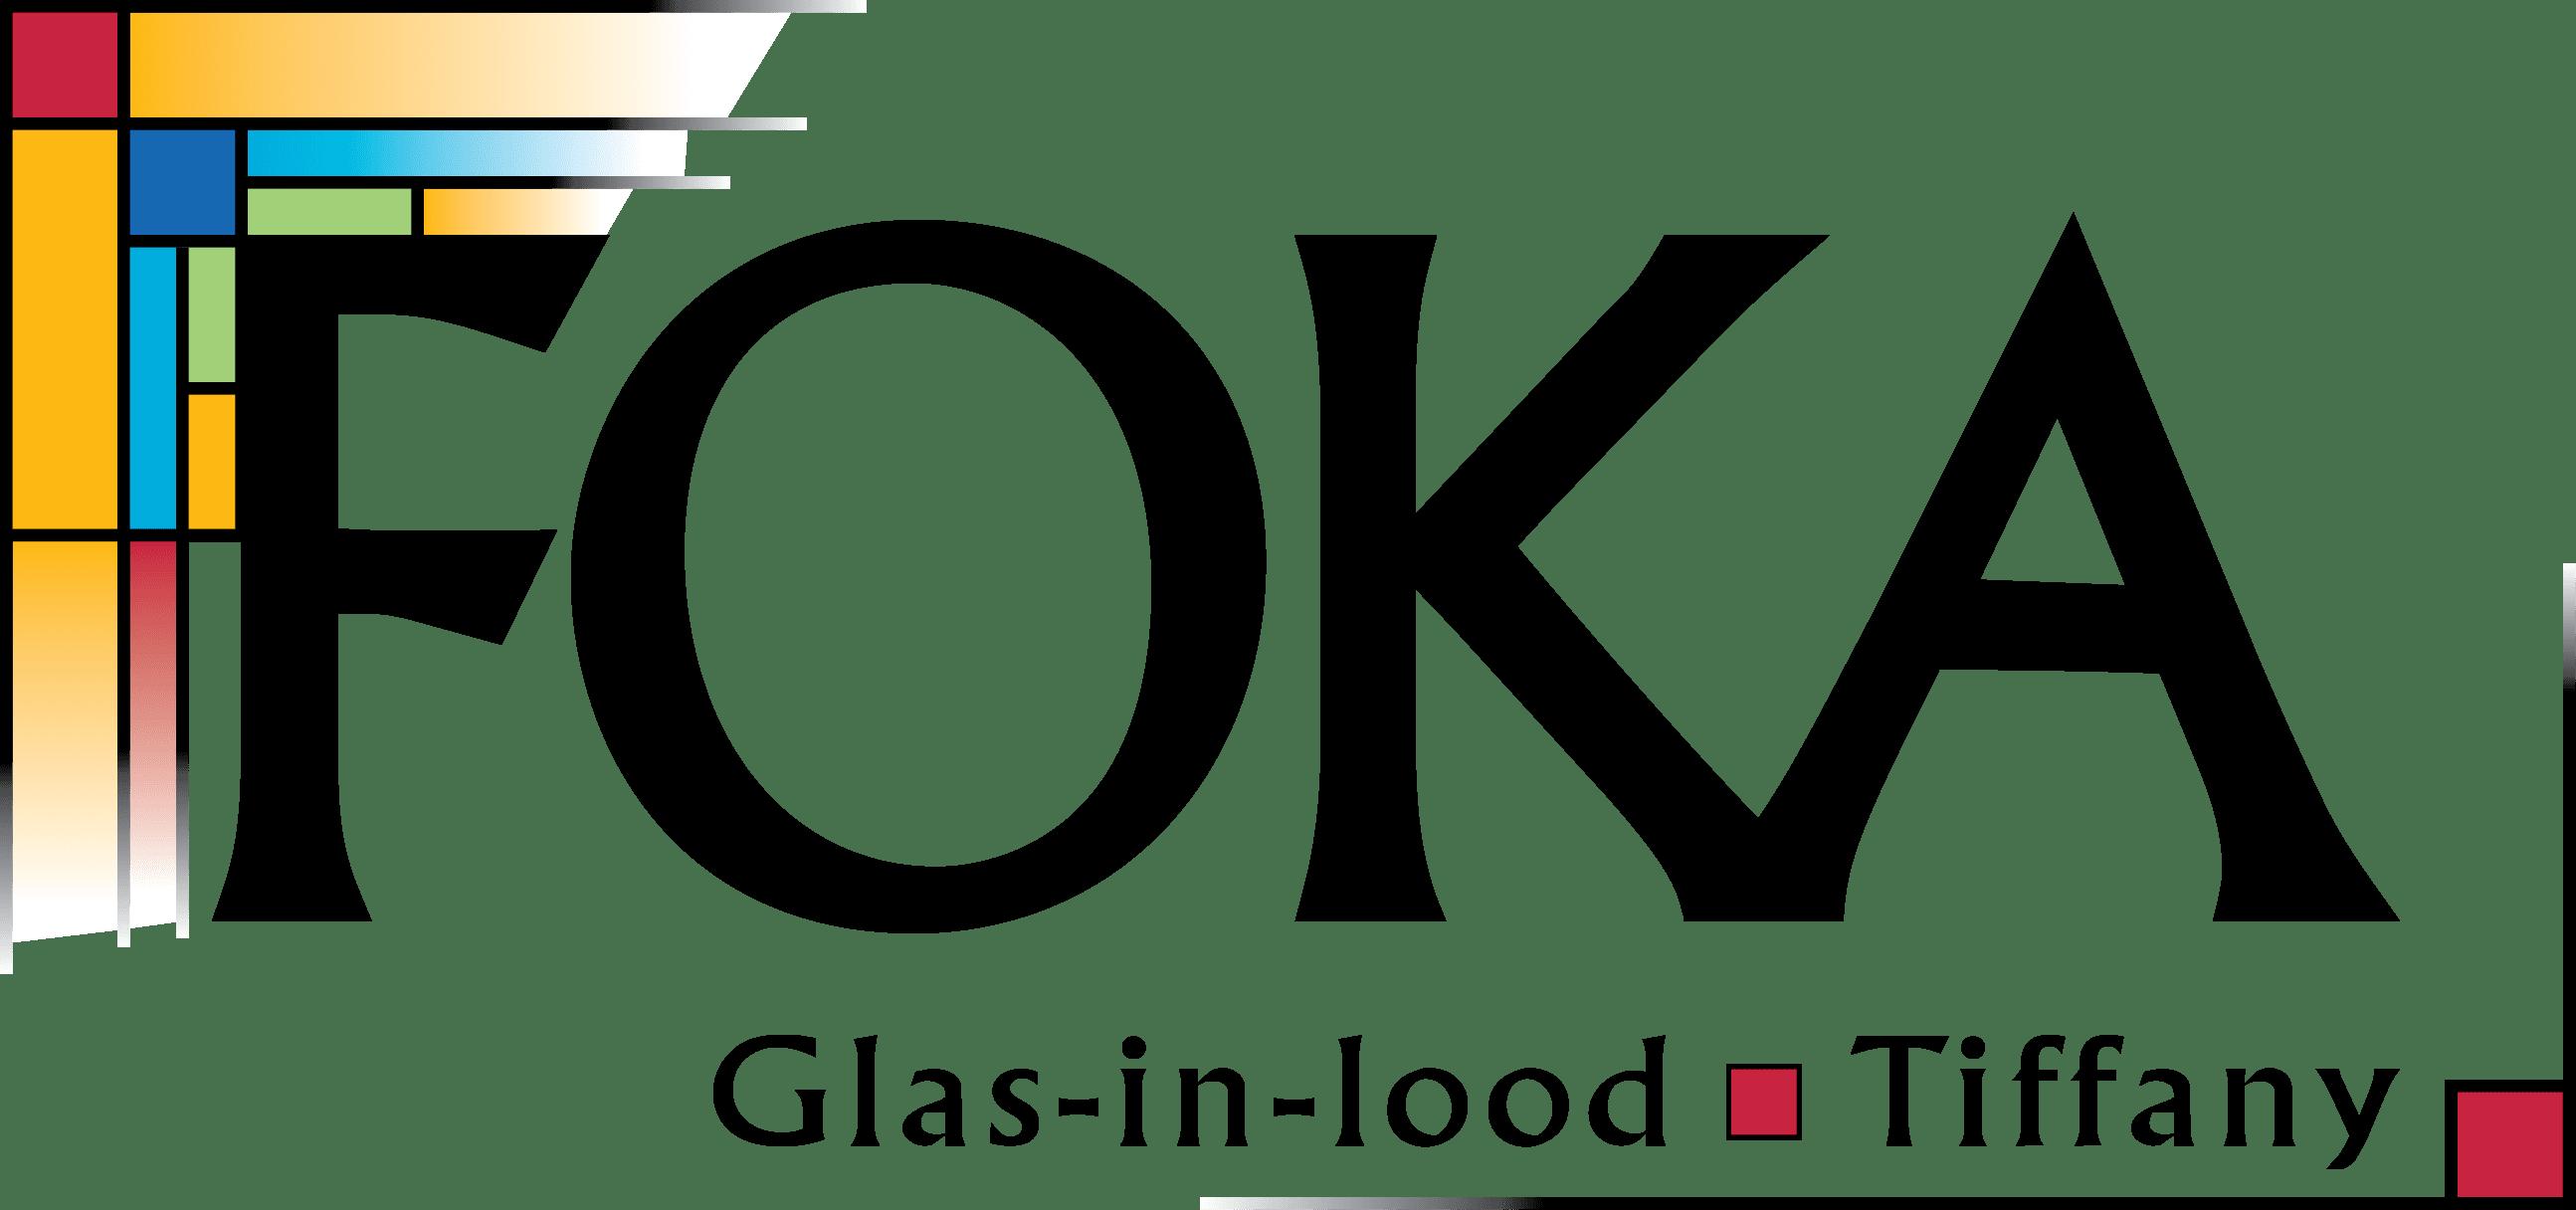 Foka glas in lood